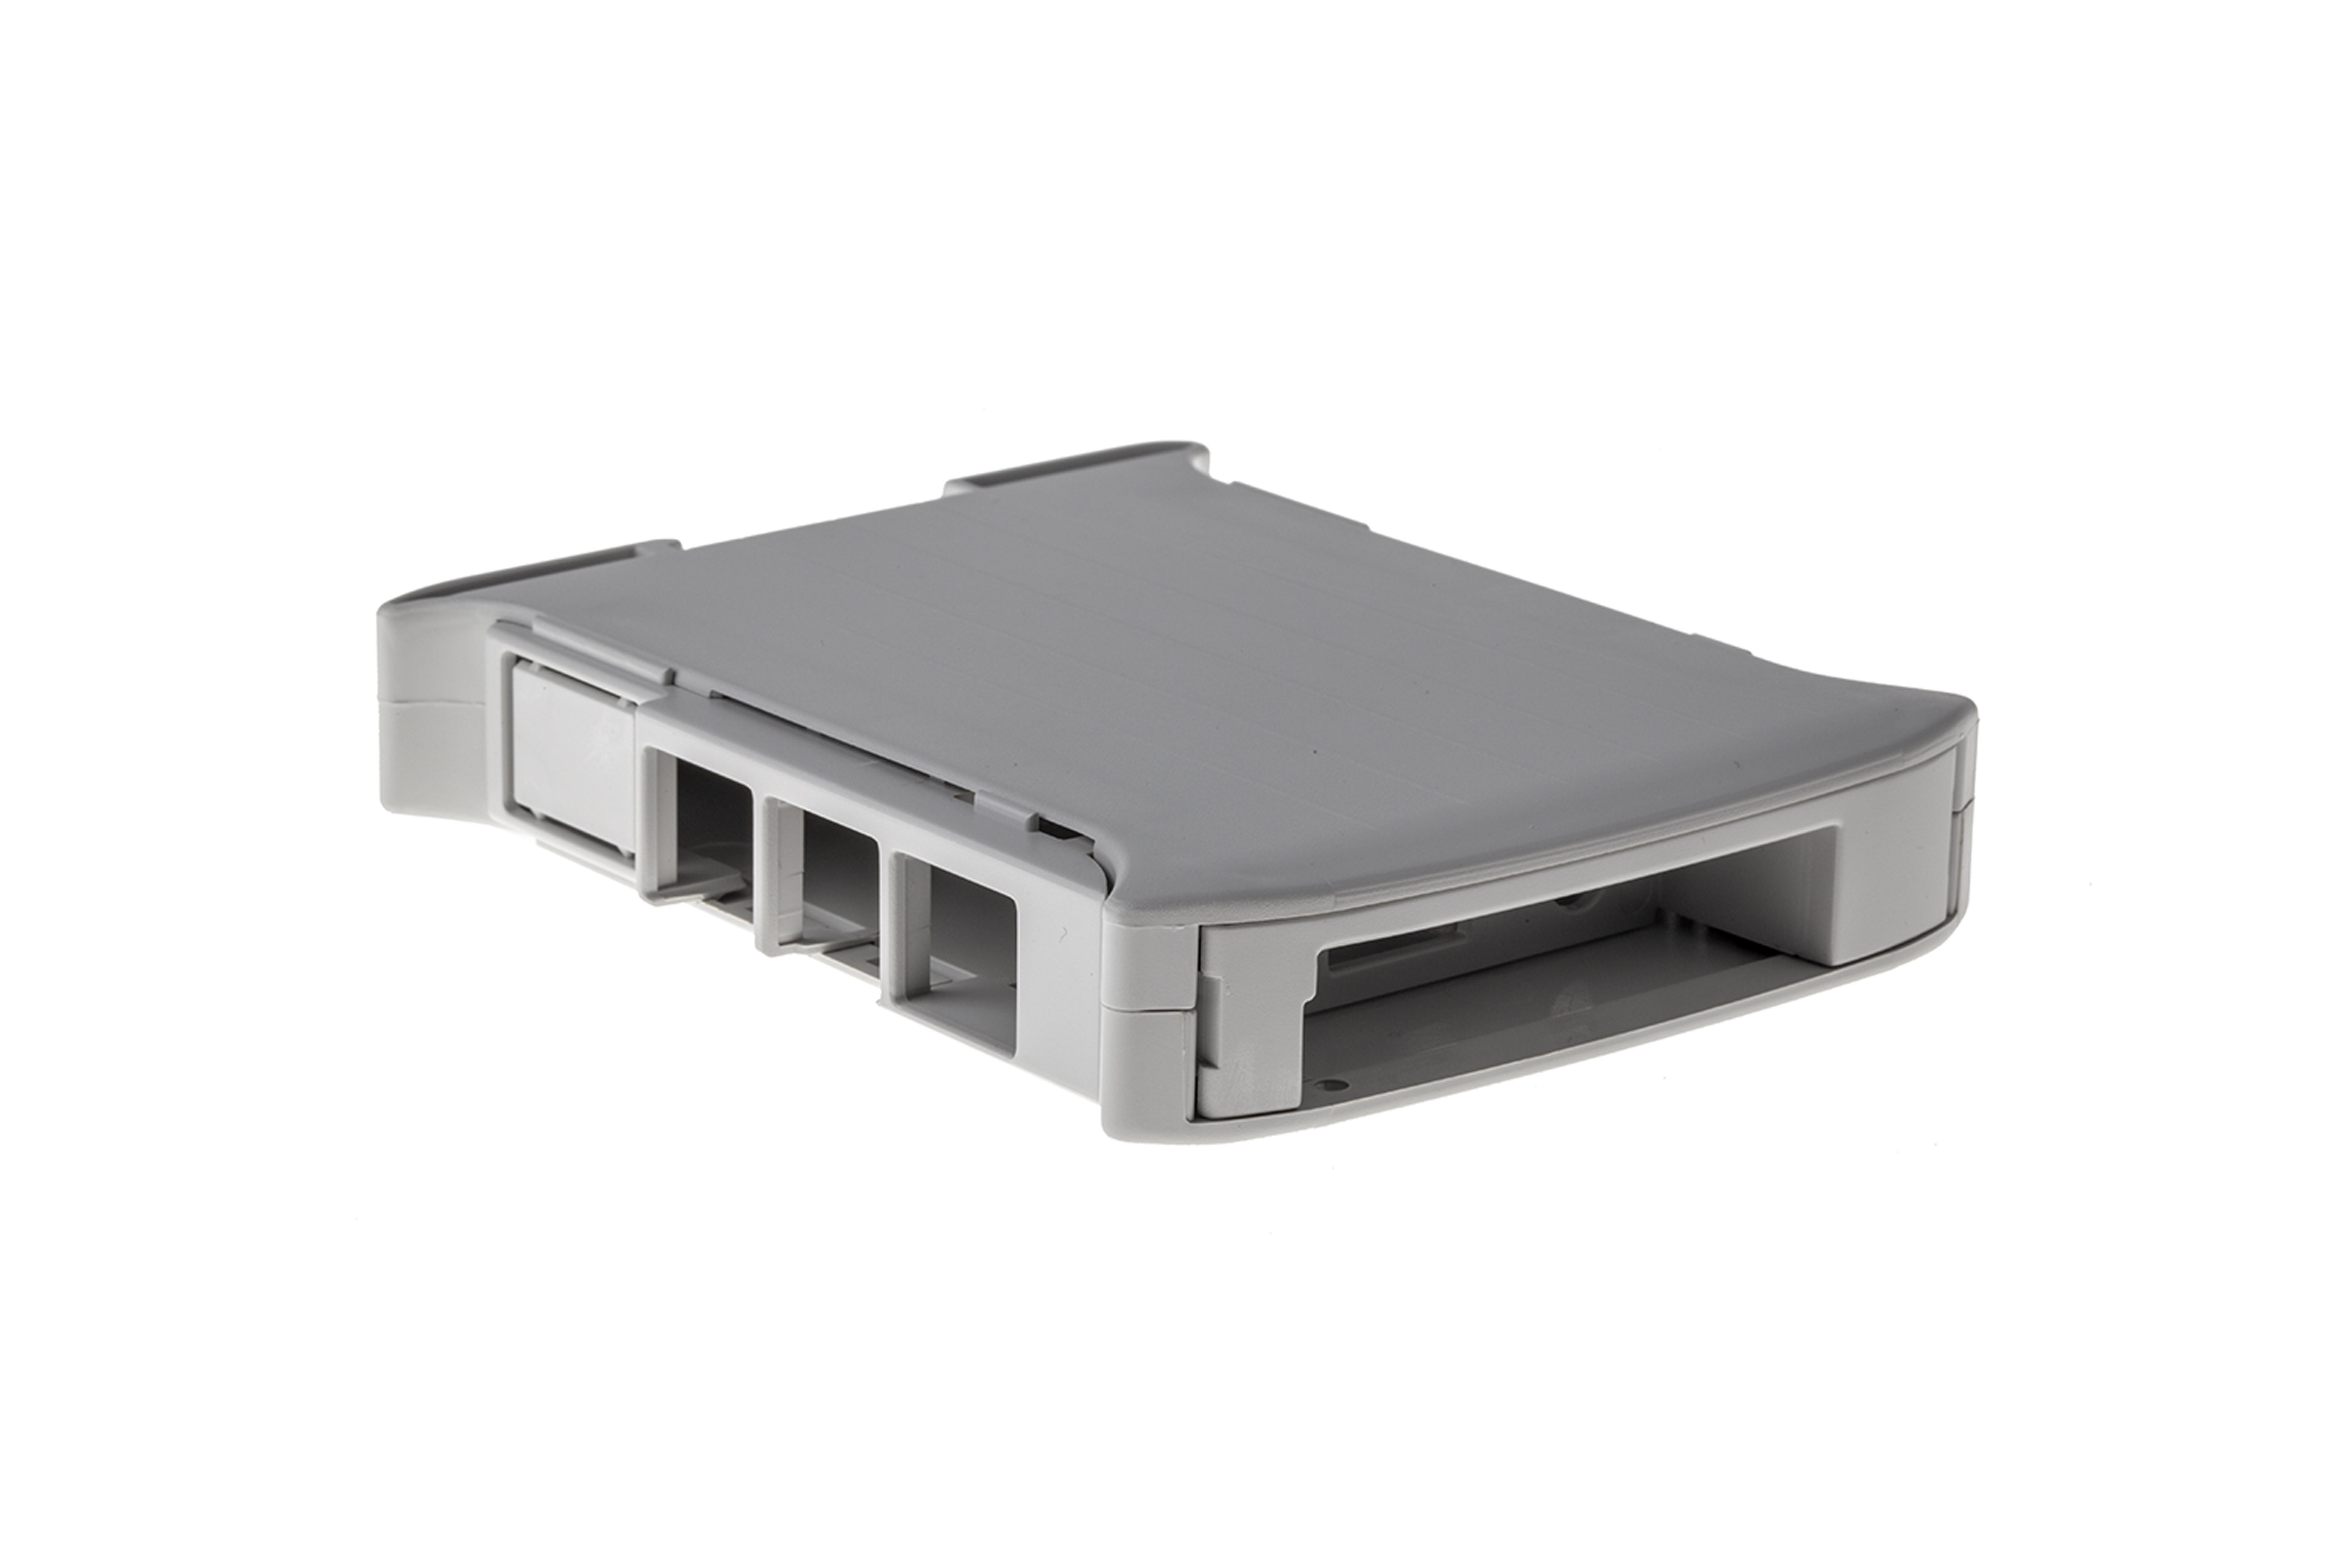 KIT 22.5 RAILBOX Raspberry Pi(ラズベリーパイ) B+/2